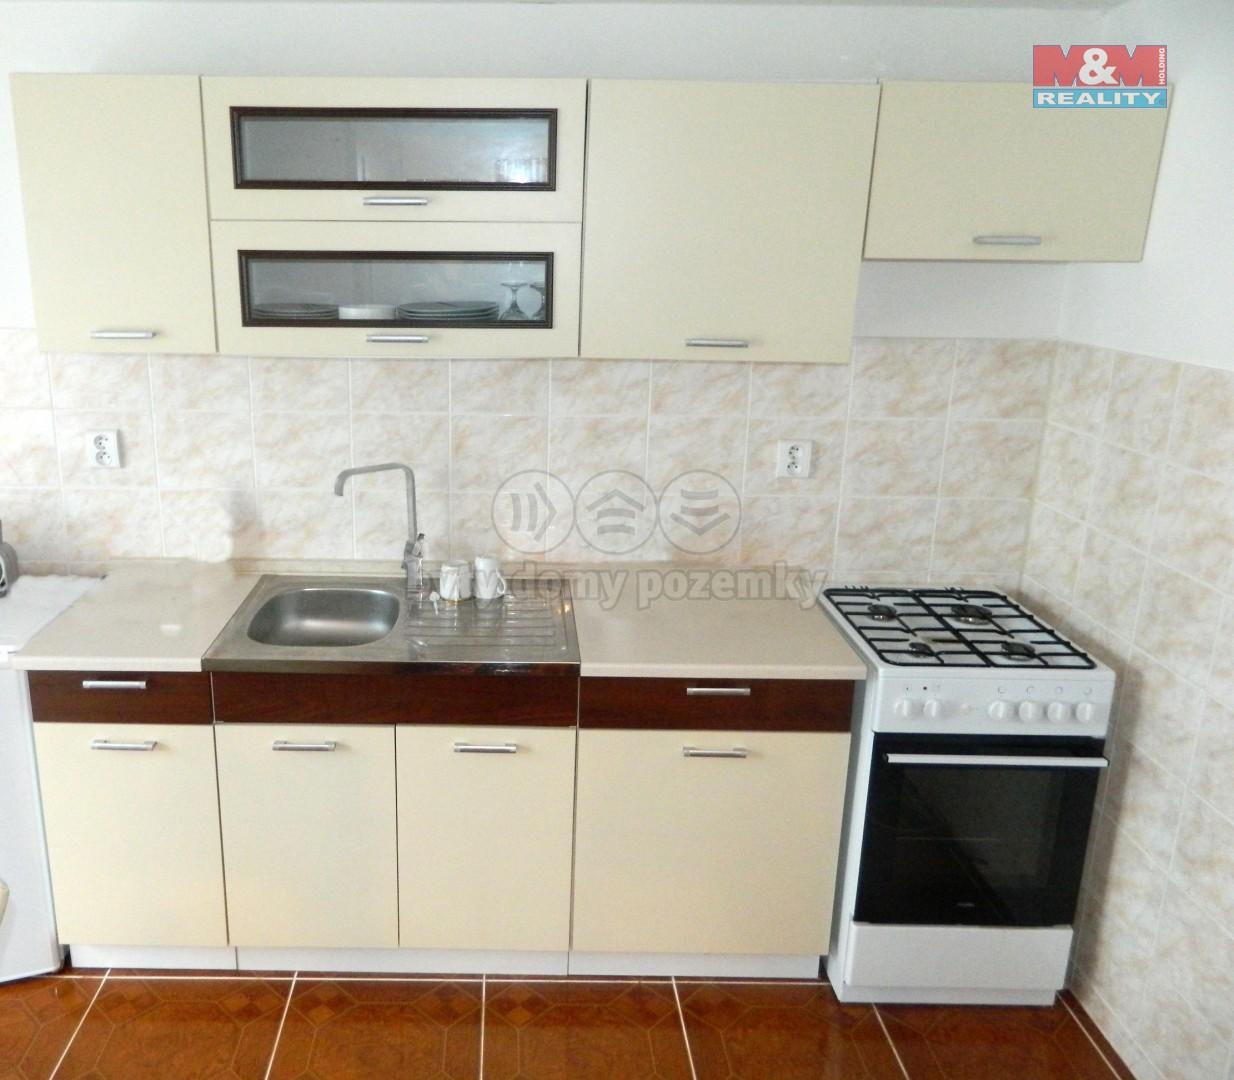 Prodej, byt 3+1, OV, 74 m2, Brno - Líšeň